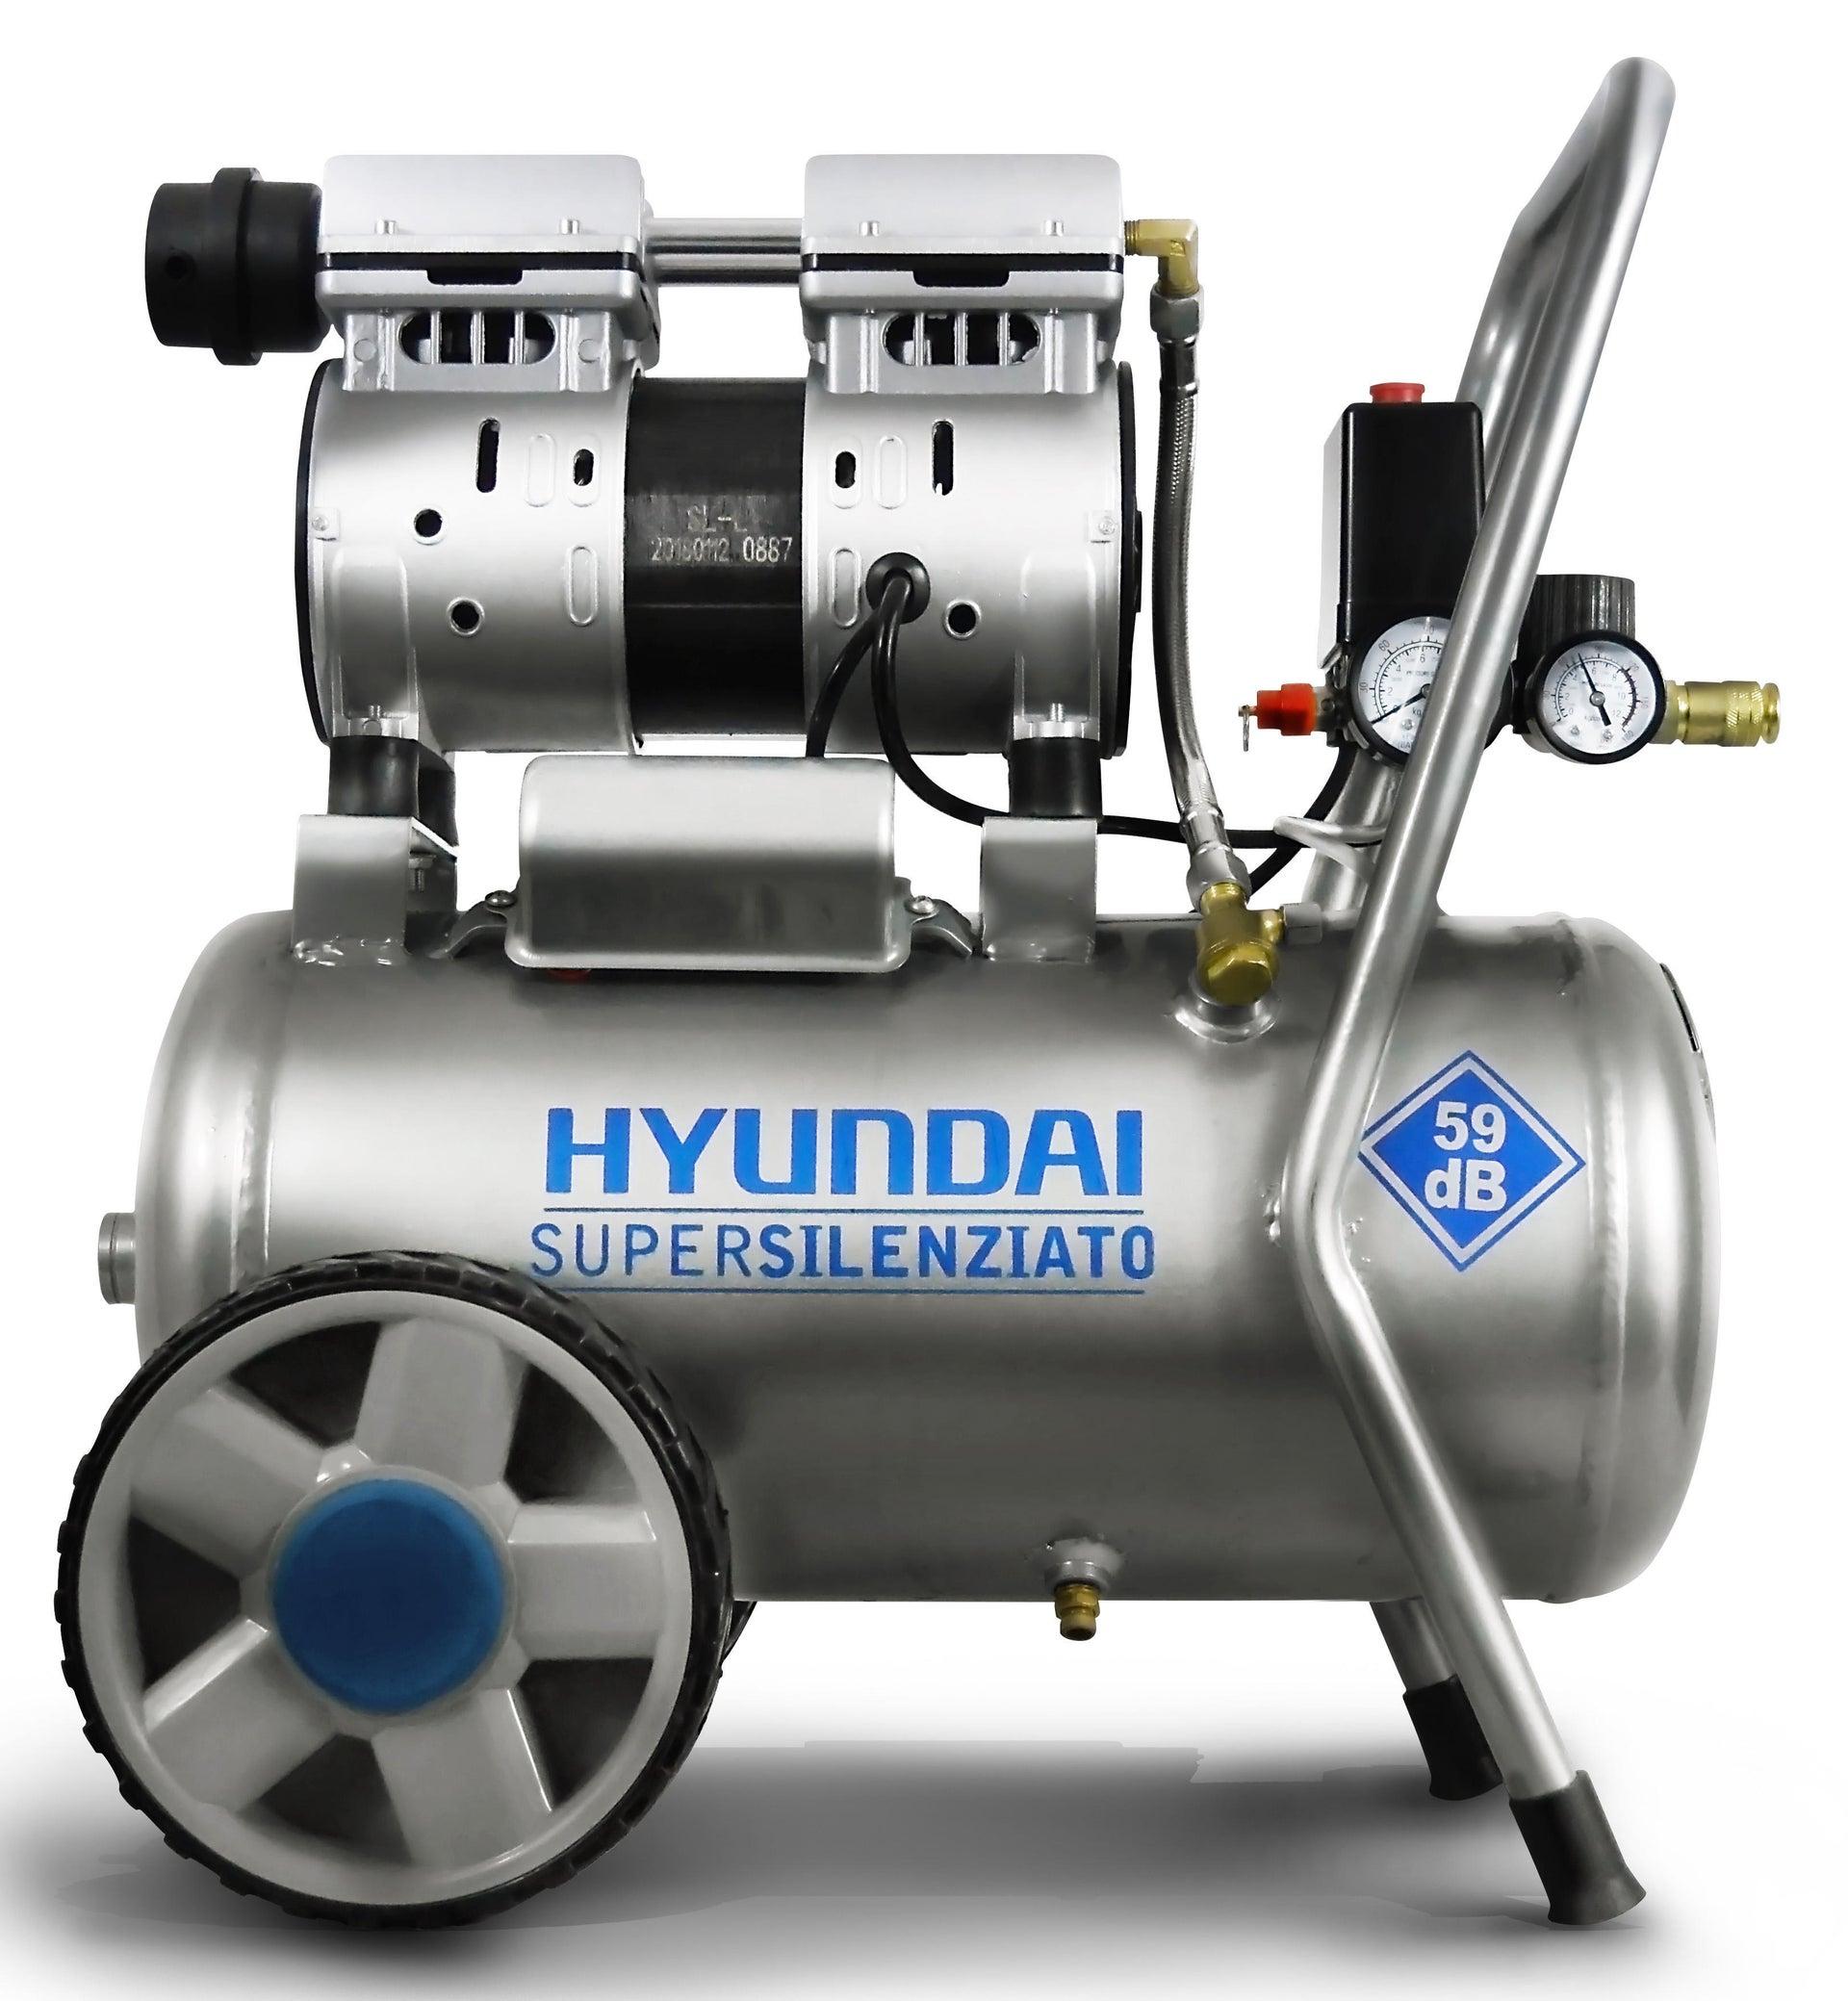 Compressore silenziato HYUNDAI Supersilent, 1 hp, 8 bar, 24 L - 1